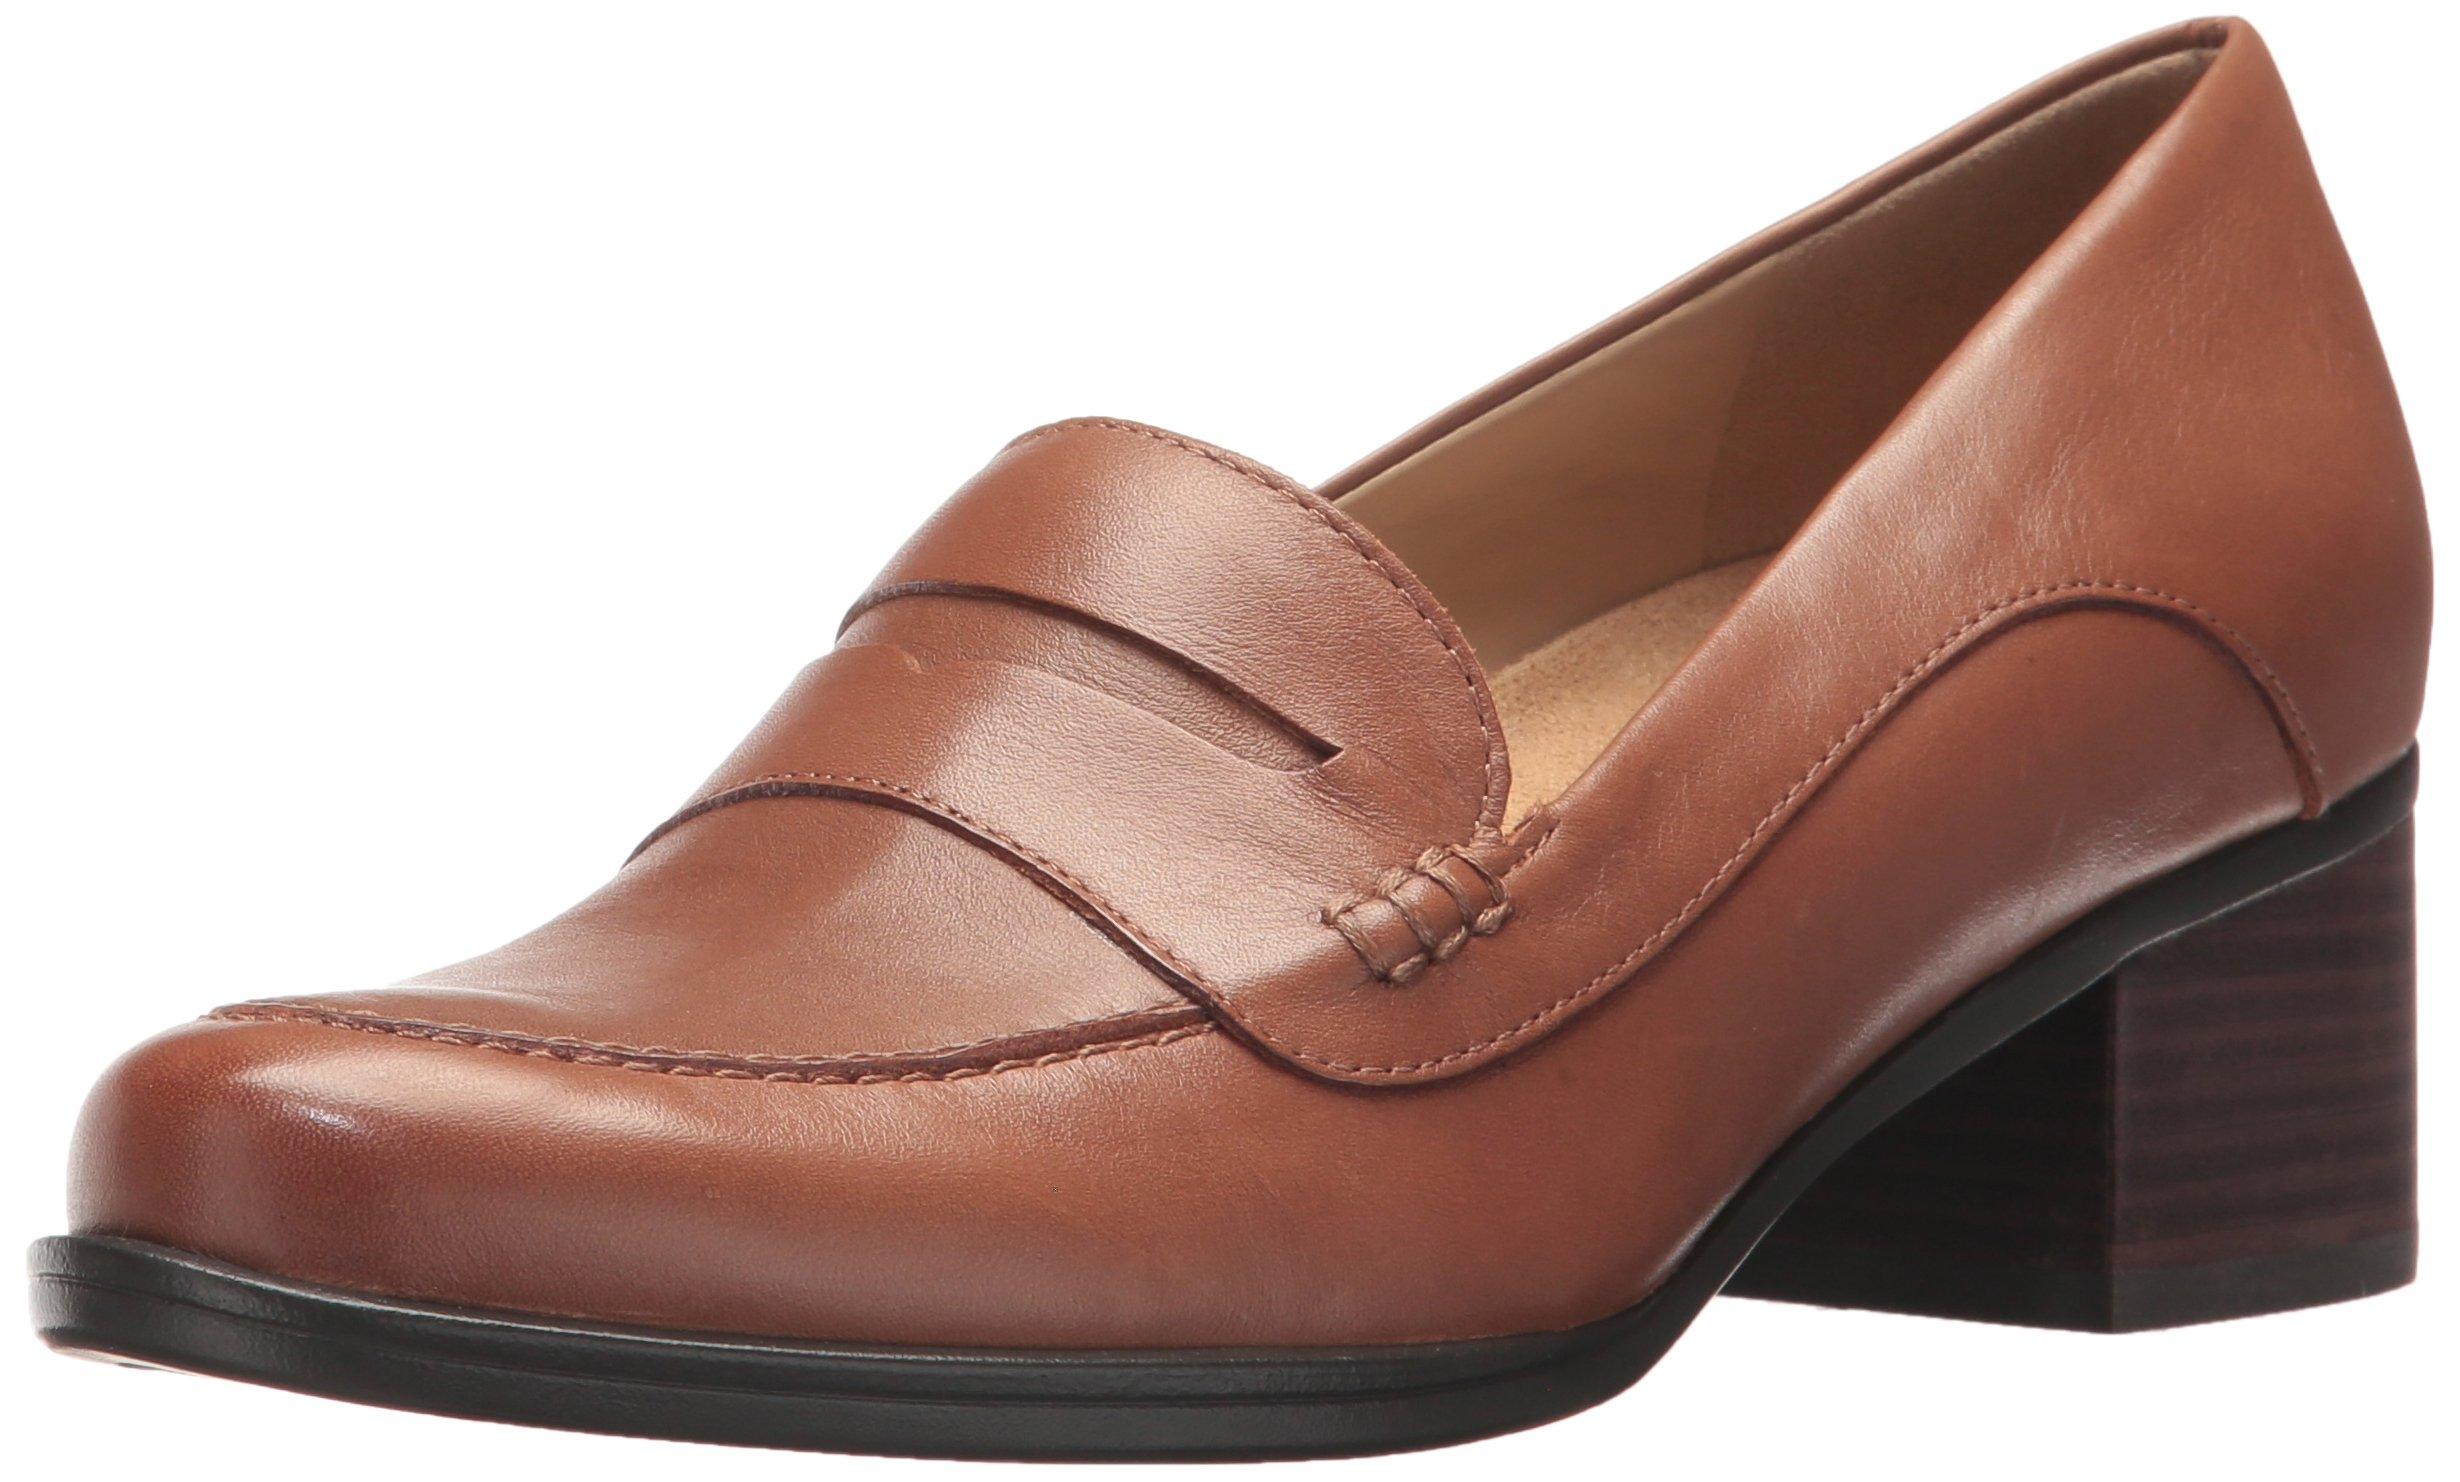 Naturalizer Women's Dinah Loafer, Saddle Tan, 8.5 Medium US